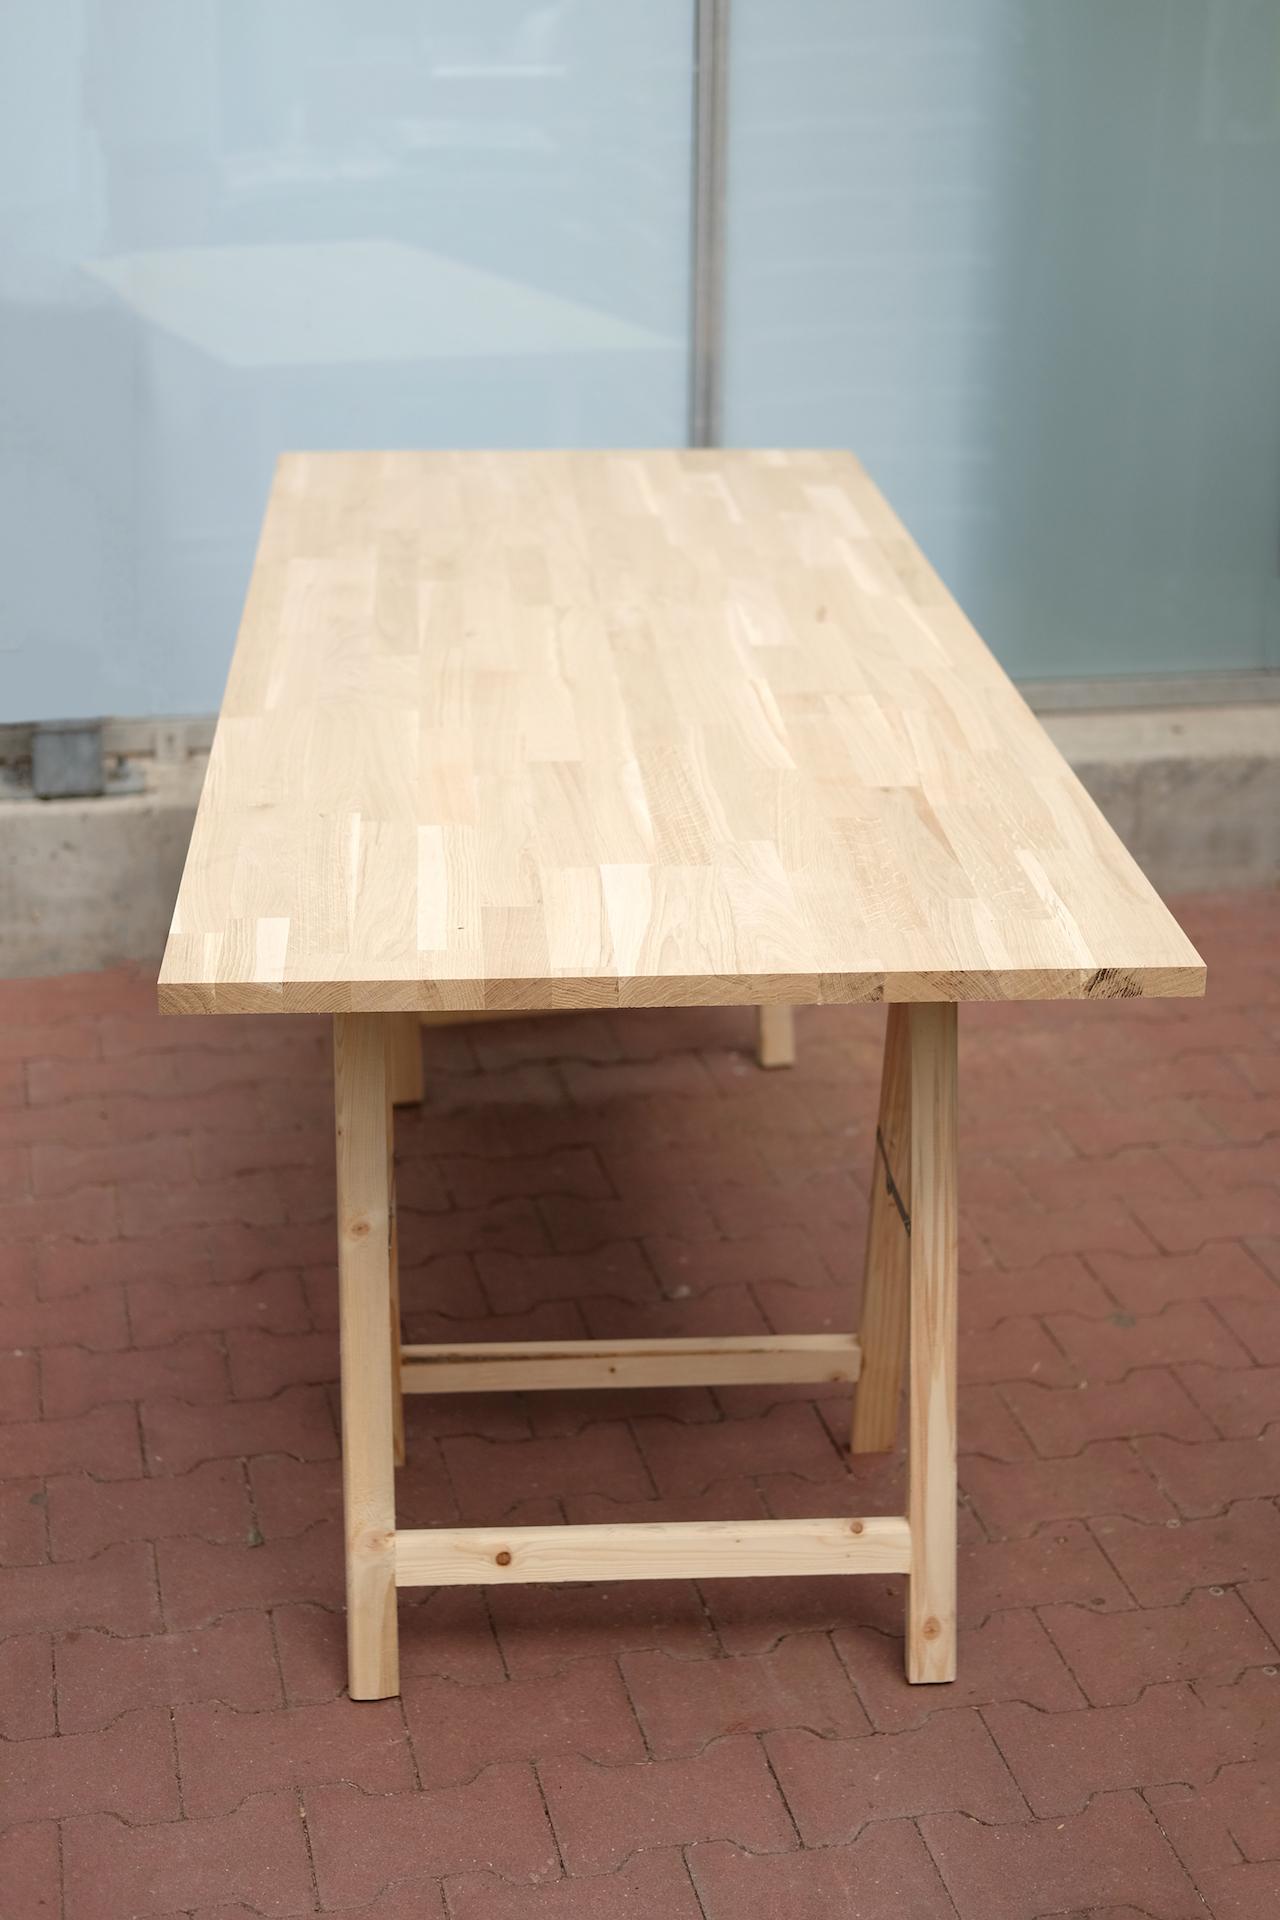 Mooie Steigerhouten Eettafel.Industriele Eettafel Maken Met Stalen Tafelpoten Voordemakers Nl